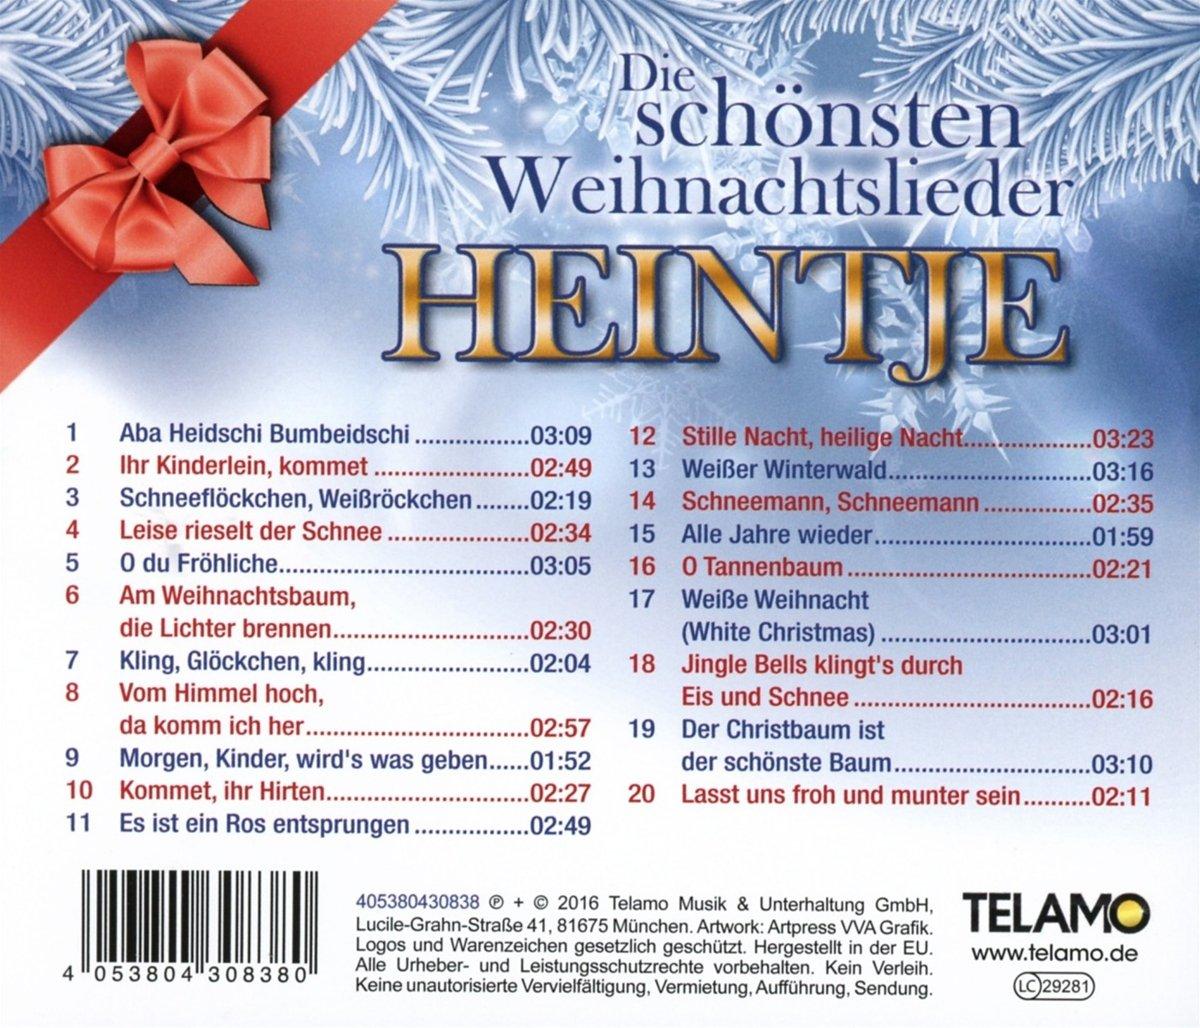 Die Schönsten Weihnachtslieder - Heintje: Amazon.de: Musik